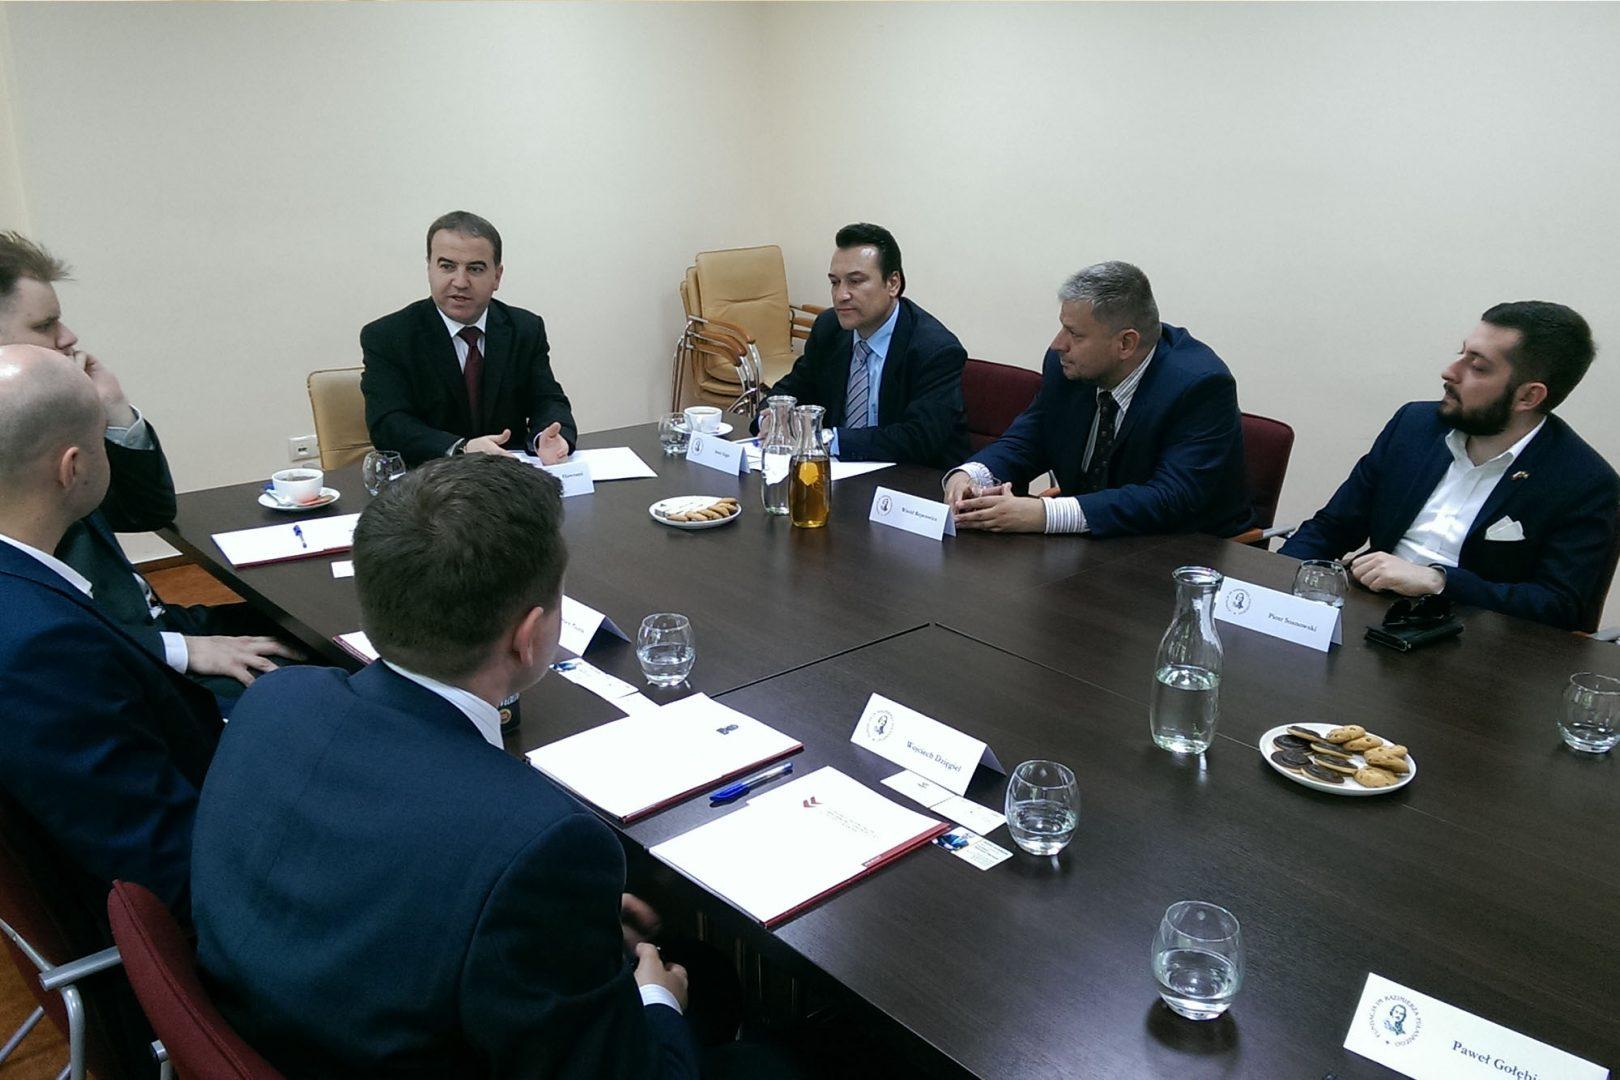 Niepodległy Kurdystan gwarantem bezpieczeństwa wregionie Bliskiego Wschodu – spotkanie zHaymanem Hawramim, doradcą prezydenta Kurdystanu